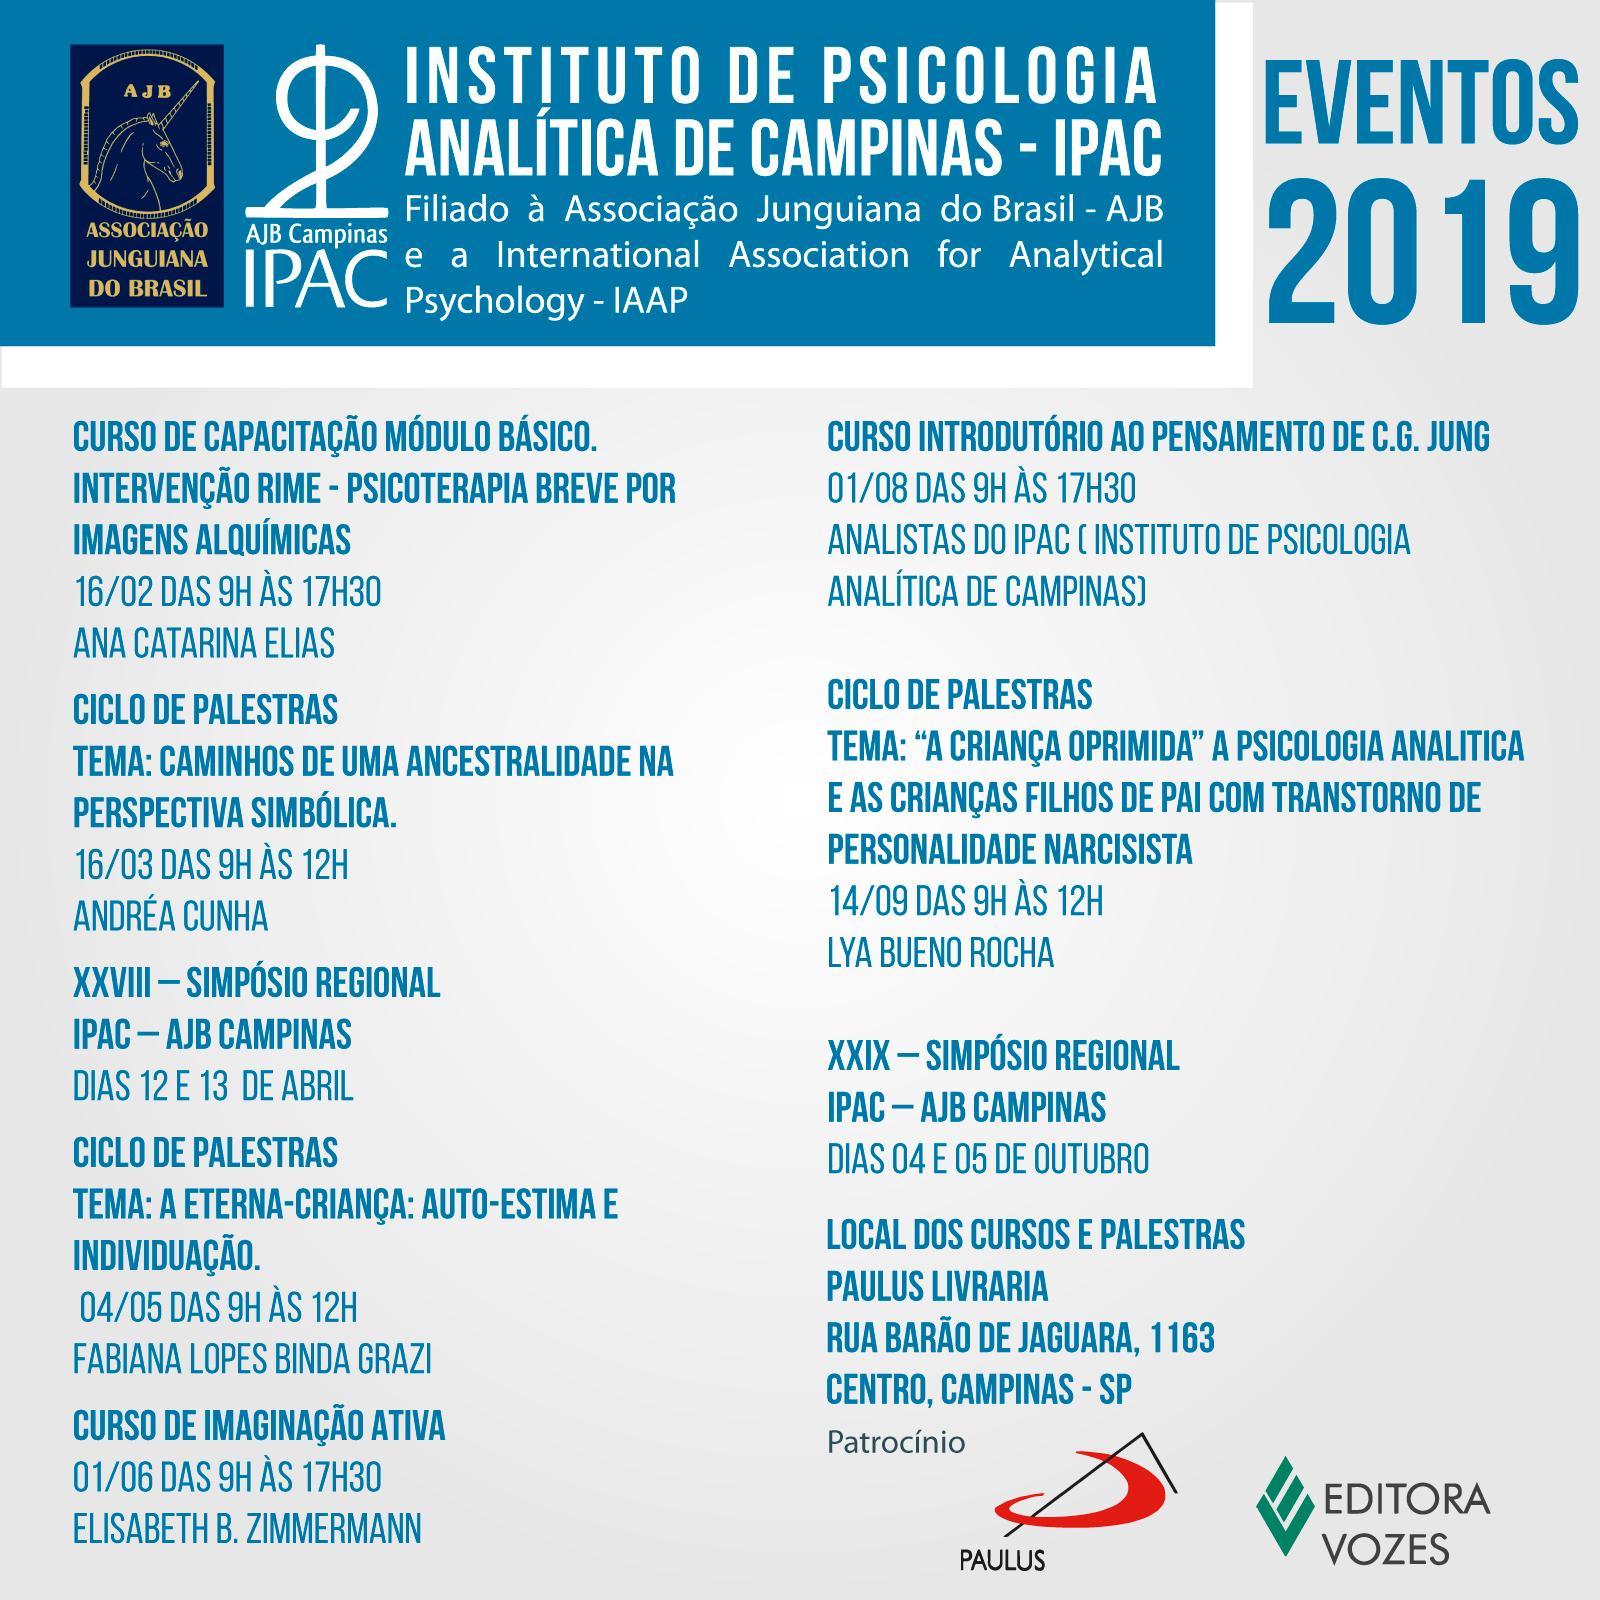 Eventos-2019